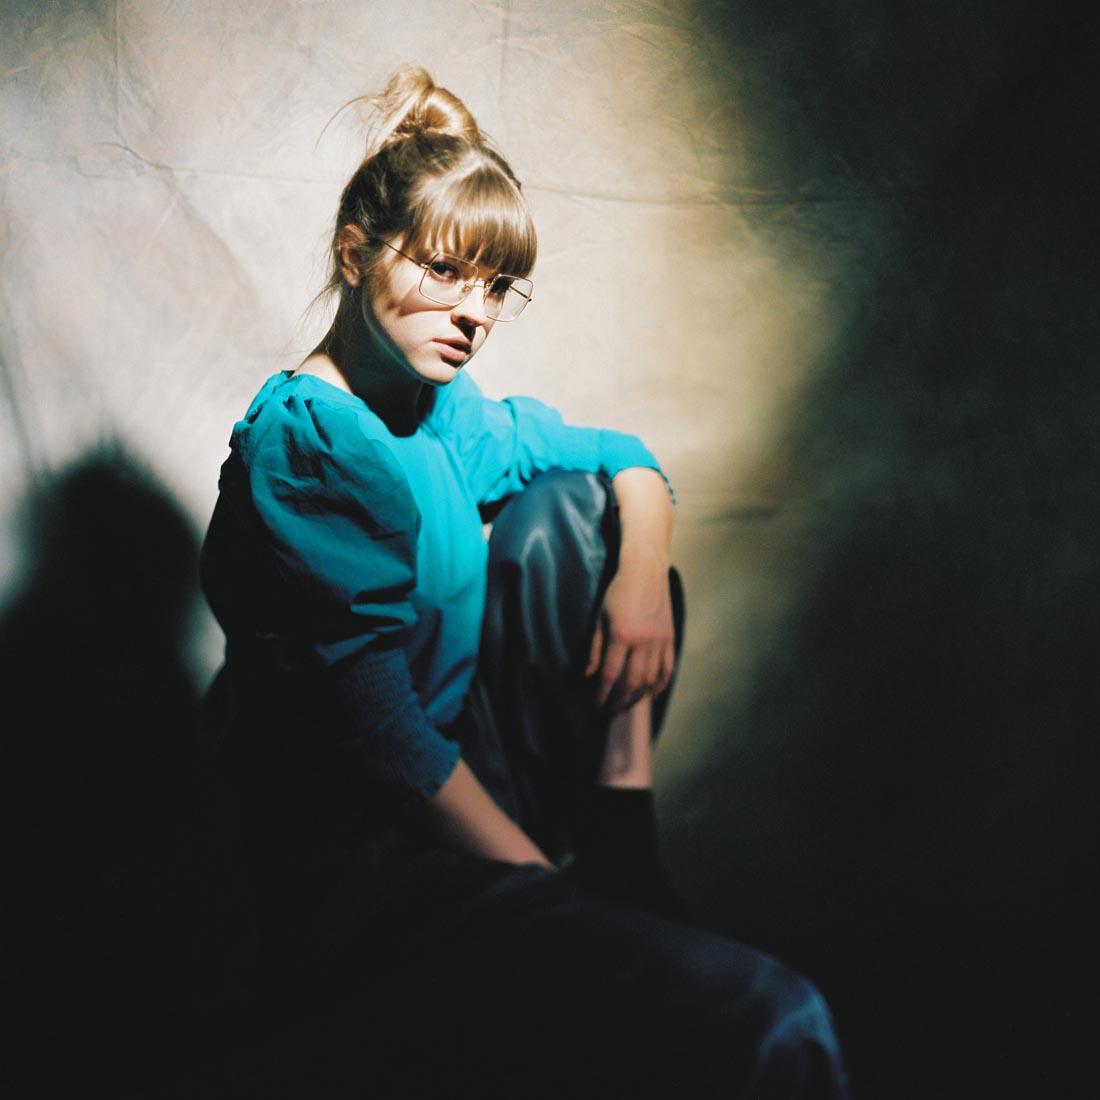 Amelia zdjęcie analogowe